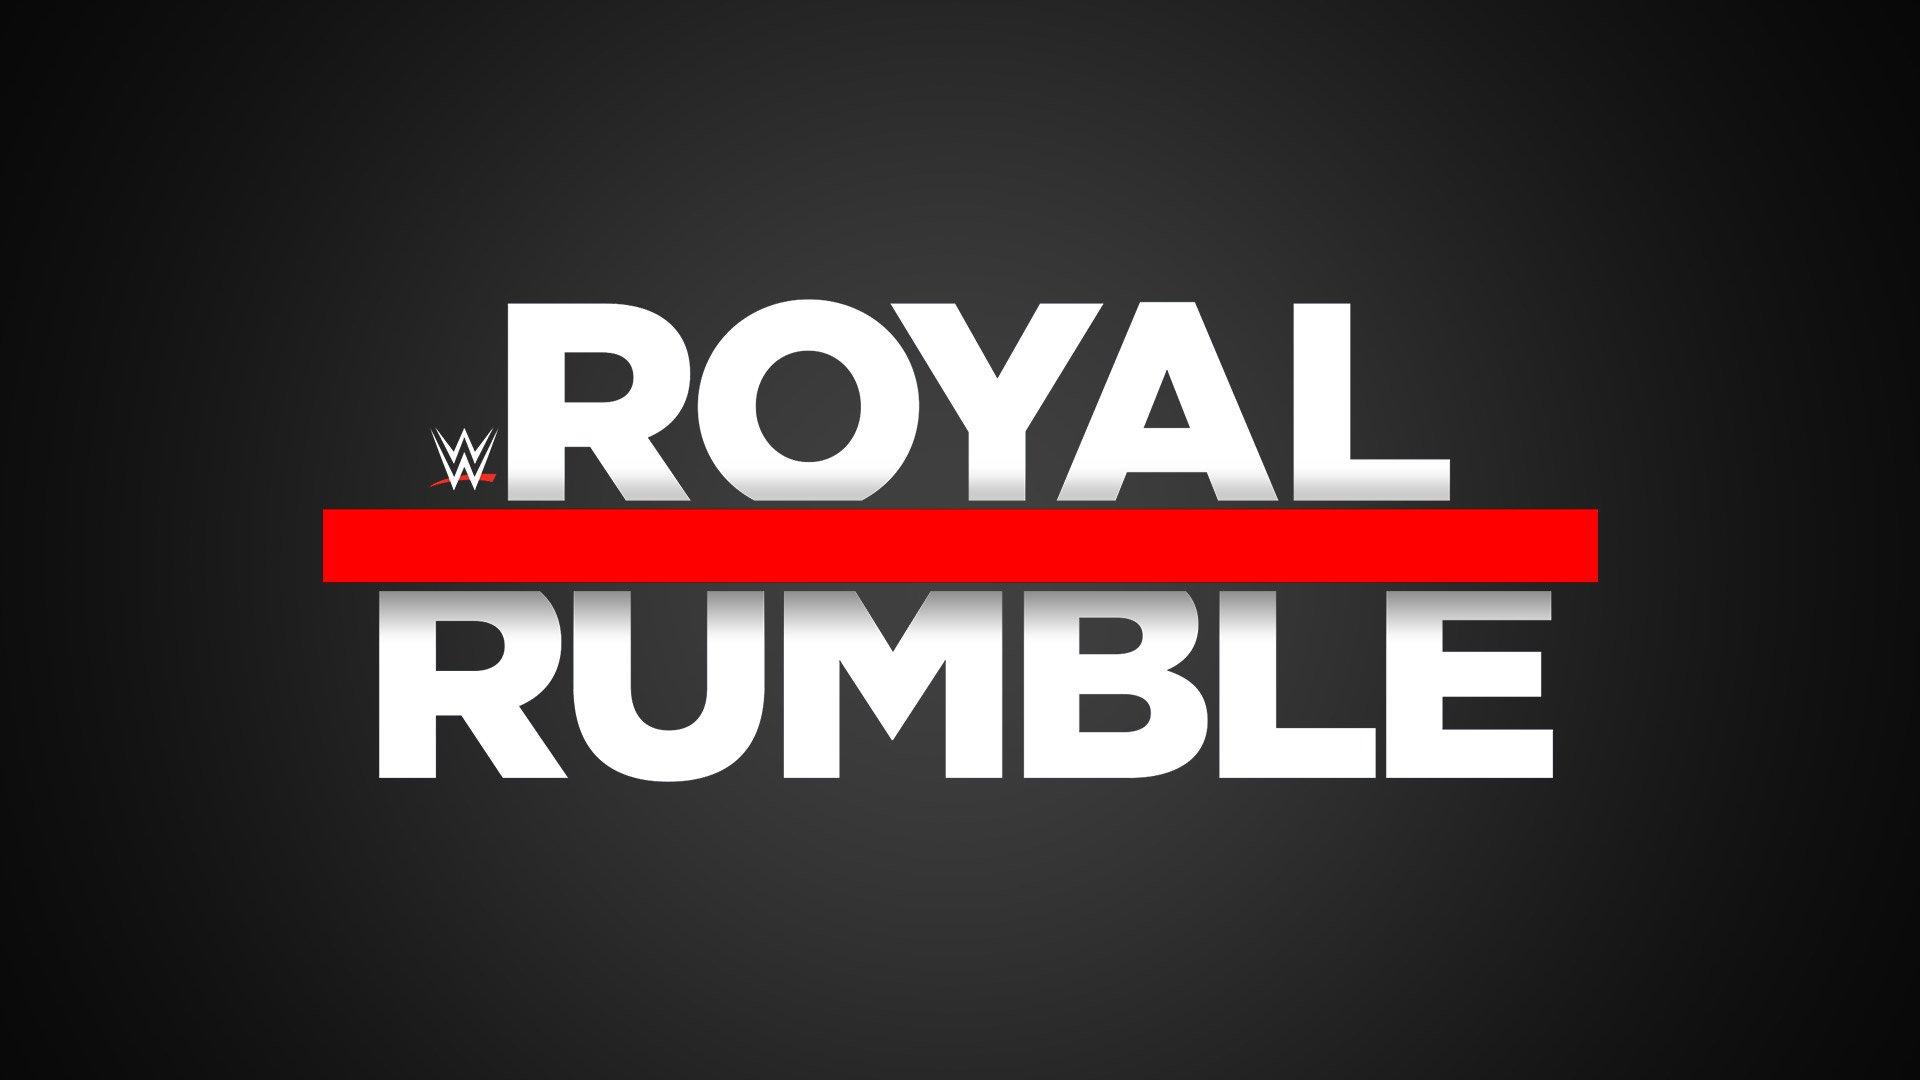 Royal Rumble: नाकामुरा के रॉयल रम्बल जीतने के बाद लोगो ने सोशल मीडिया पर जताई ख़ुशी,वही जानिये शेमस का किस वजह से लोगो ने उड़ाया मजाक 21